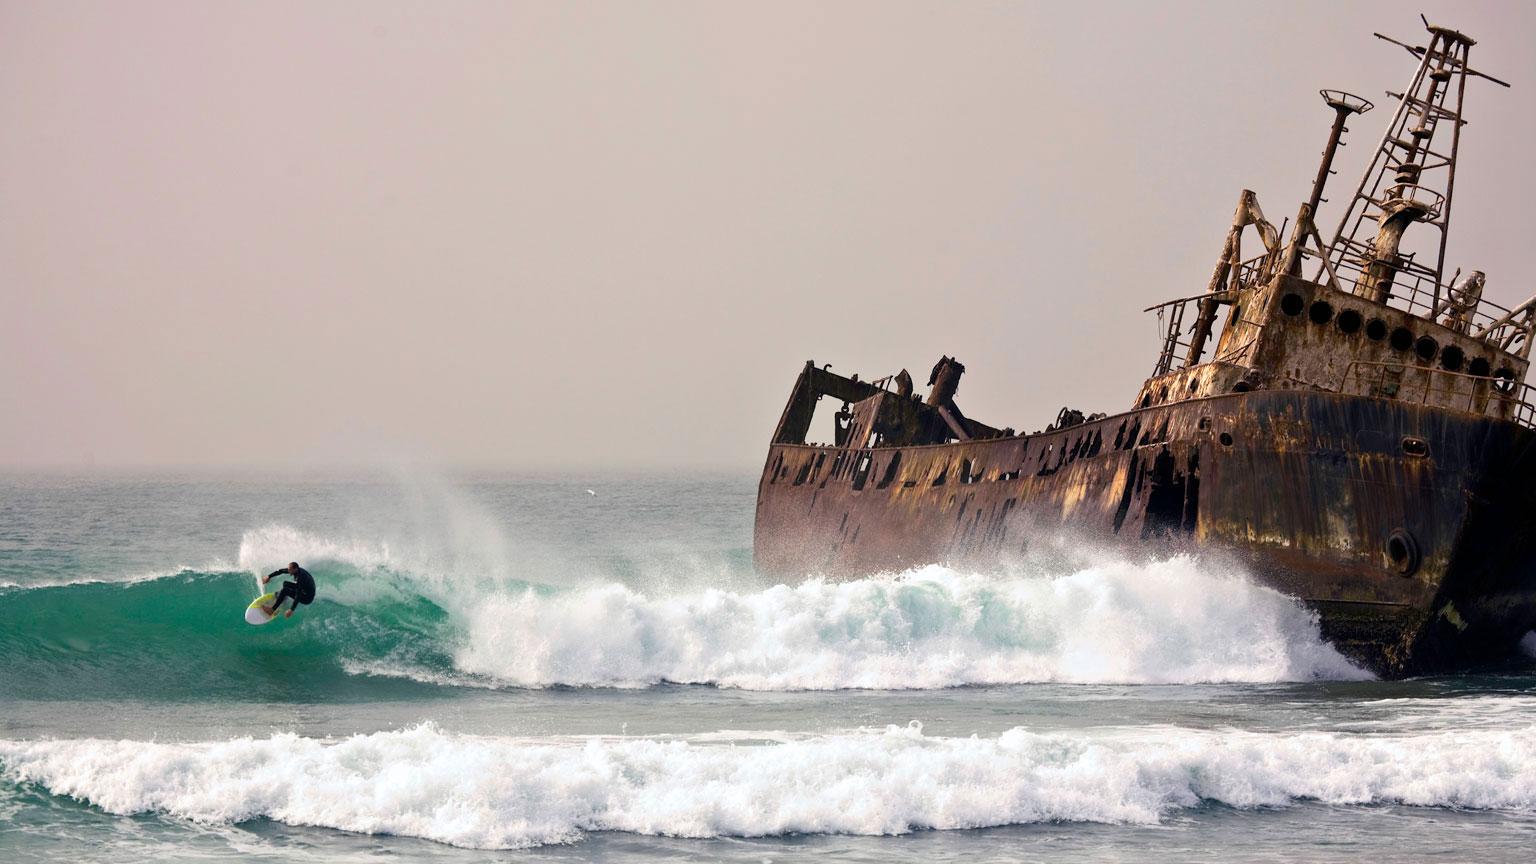 John Callahan surfxplore1